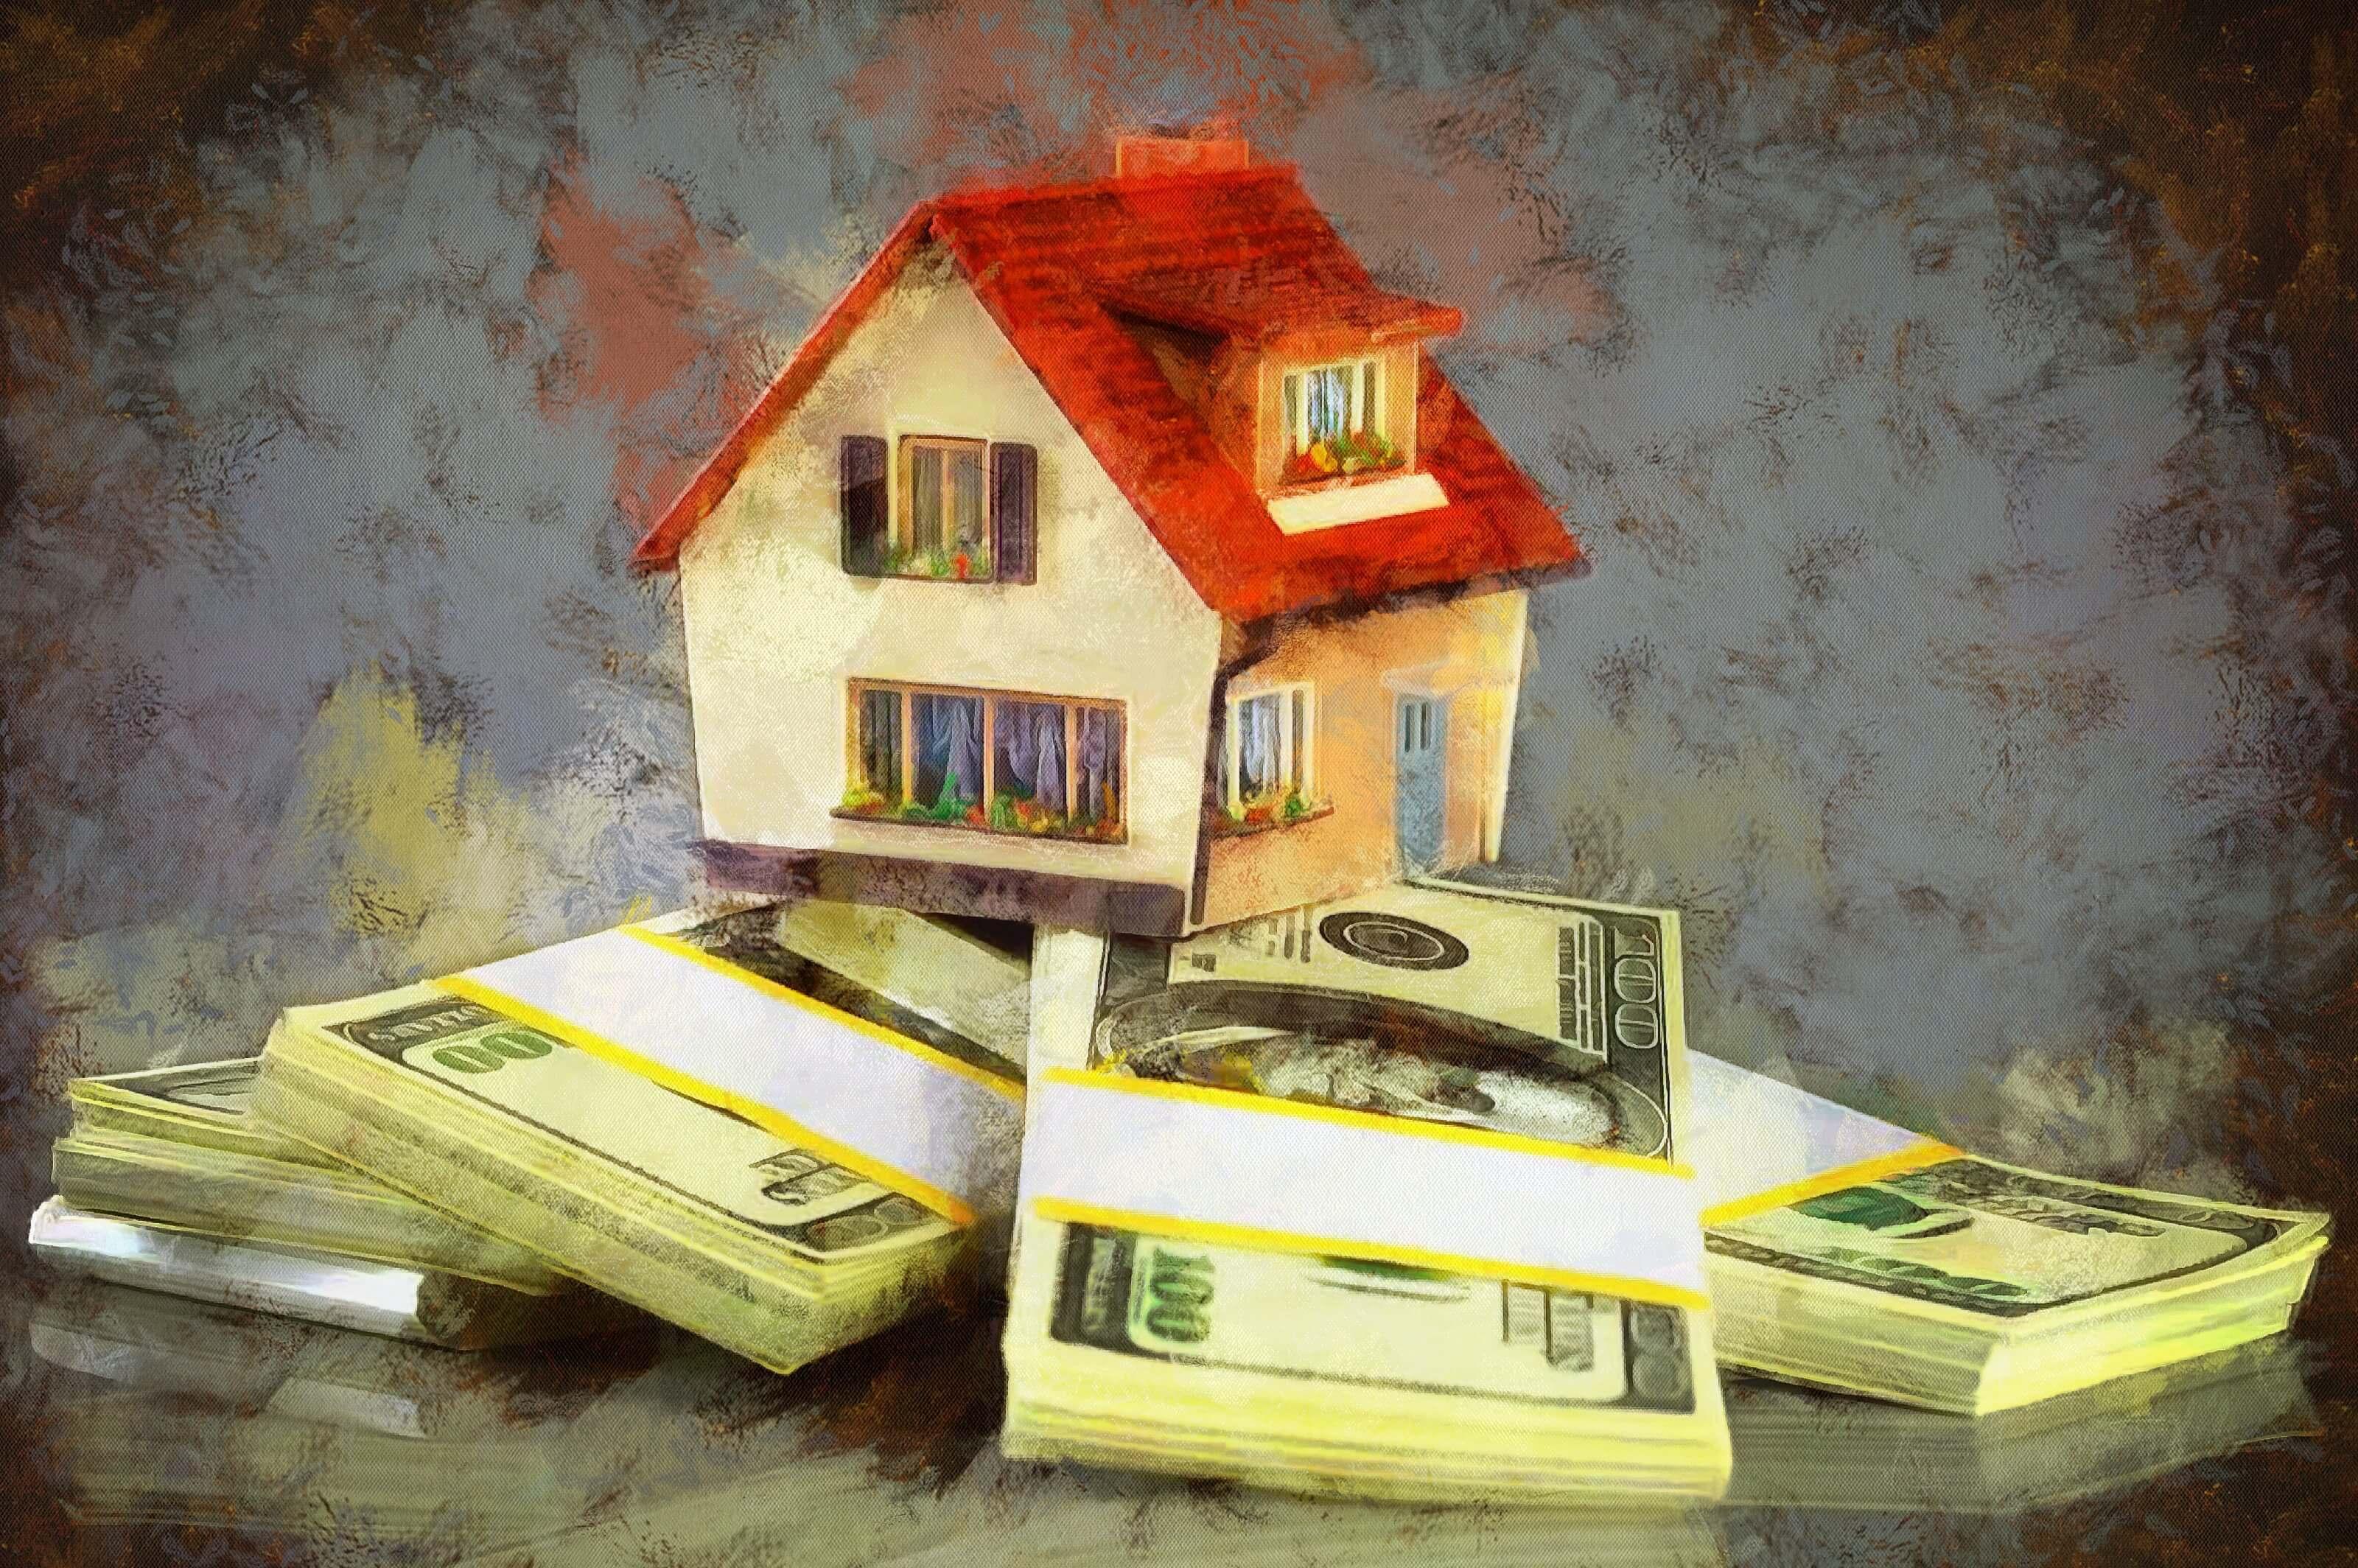 Накопил половину стоимости квартиры, брать ли уже ипотеку?